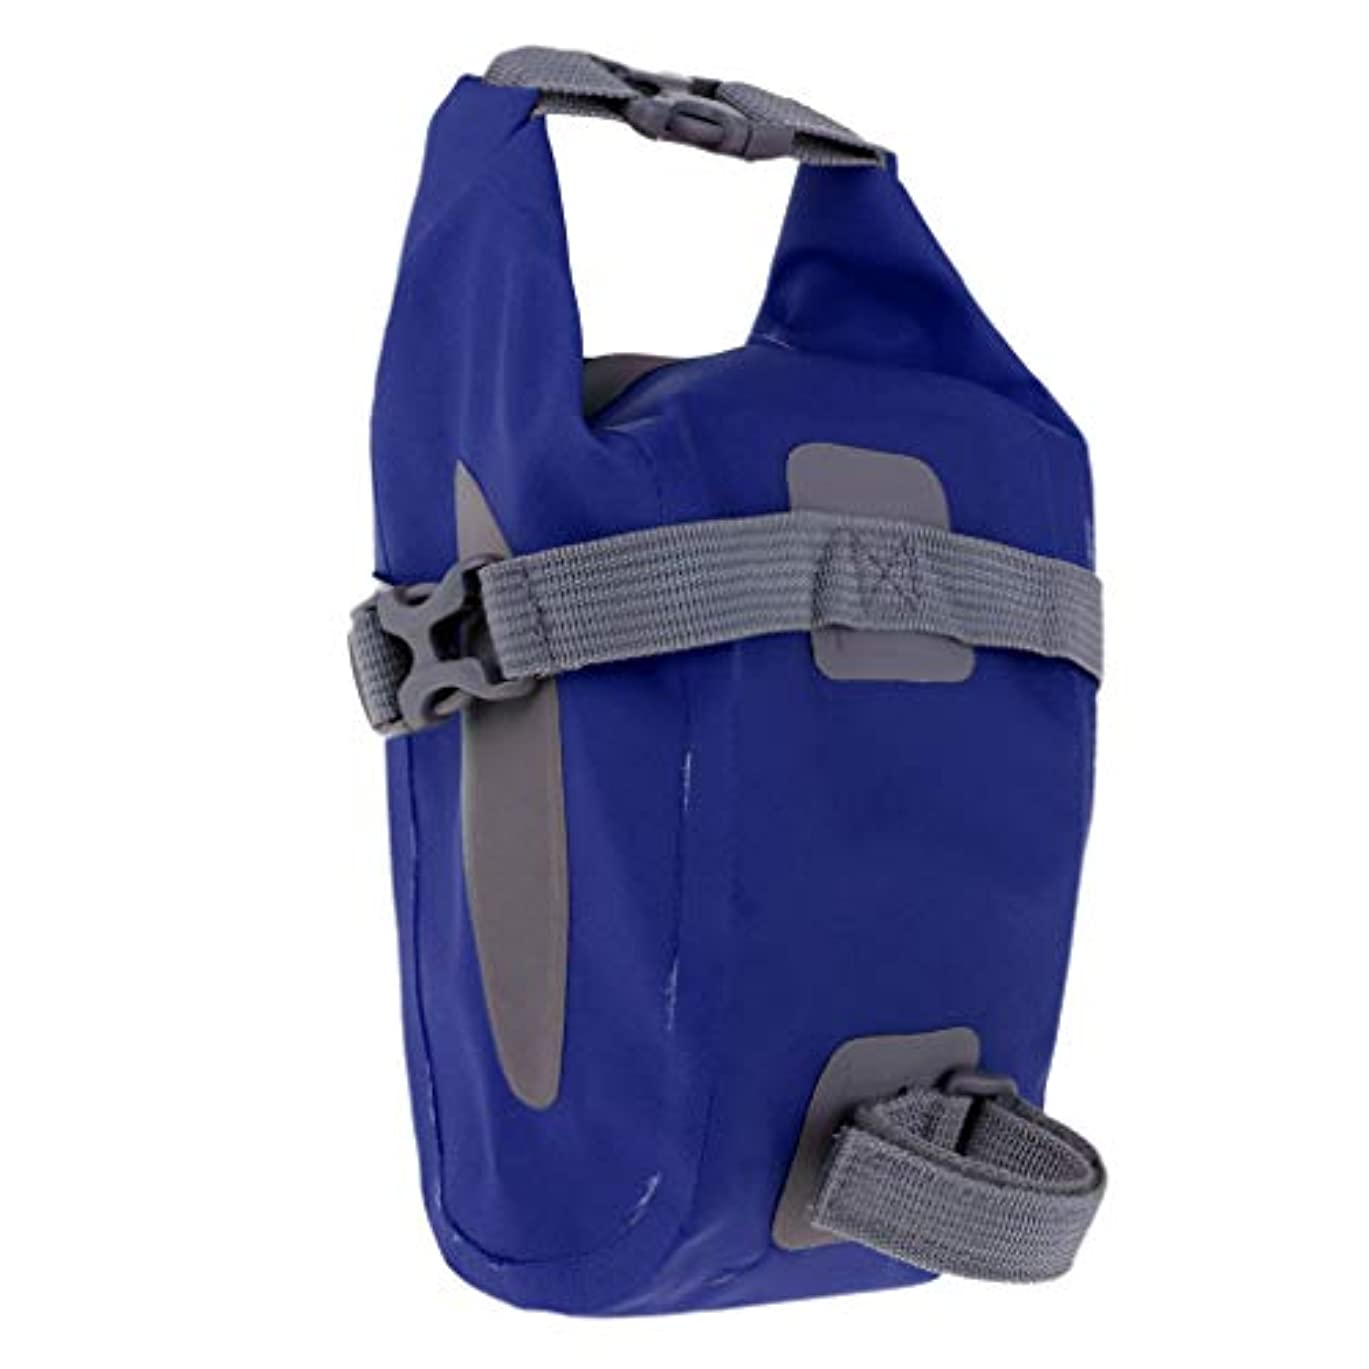 持つ現代のメルボルン自転車 サドルバッグ 全防水 大容量 軽量 ストラップ式 安定感抜群 自転車バッグ 全7色 - 青